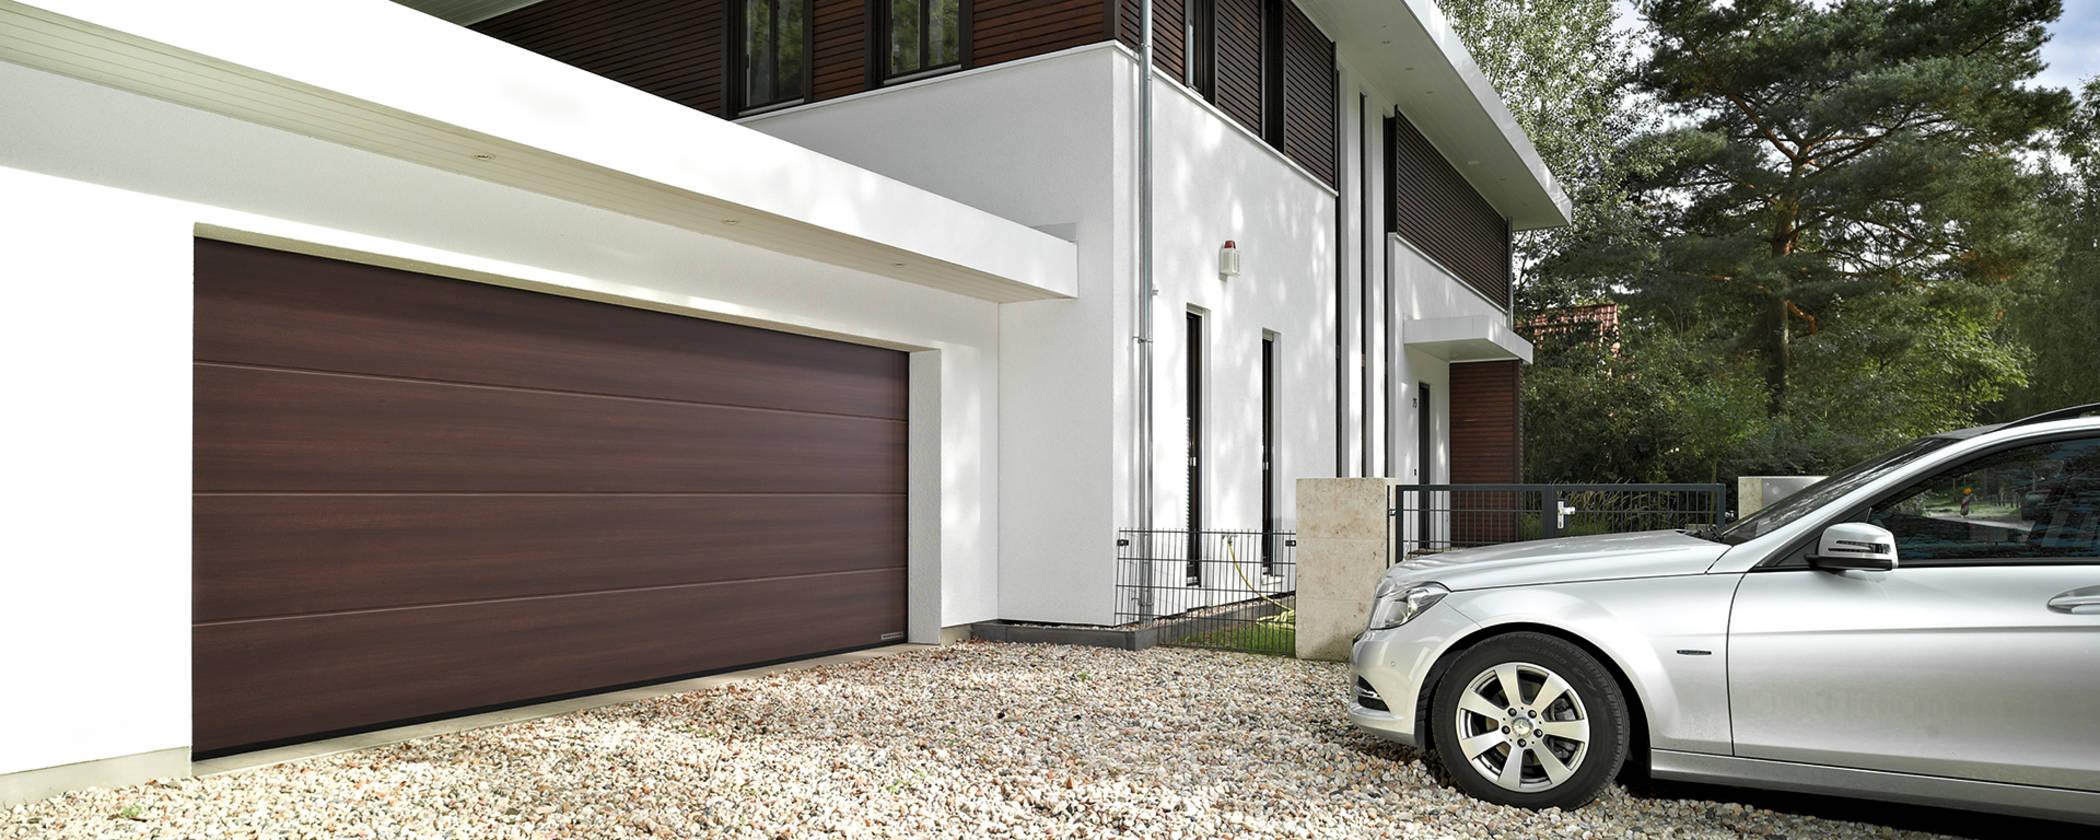 AKCE HÖRMANN LIGHT sekční garážová vrata s pohonem a dálkovým ovládáním-kvalita za rozumnou cenu